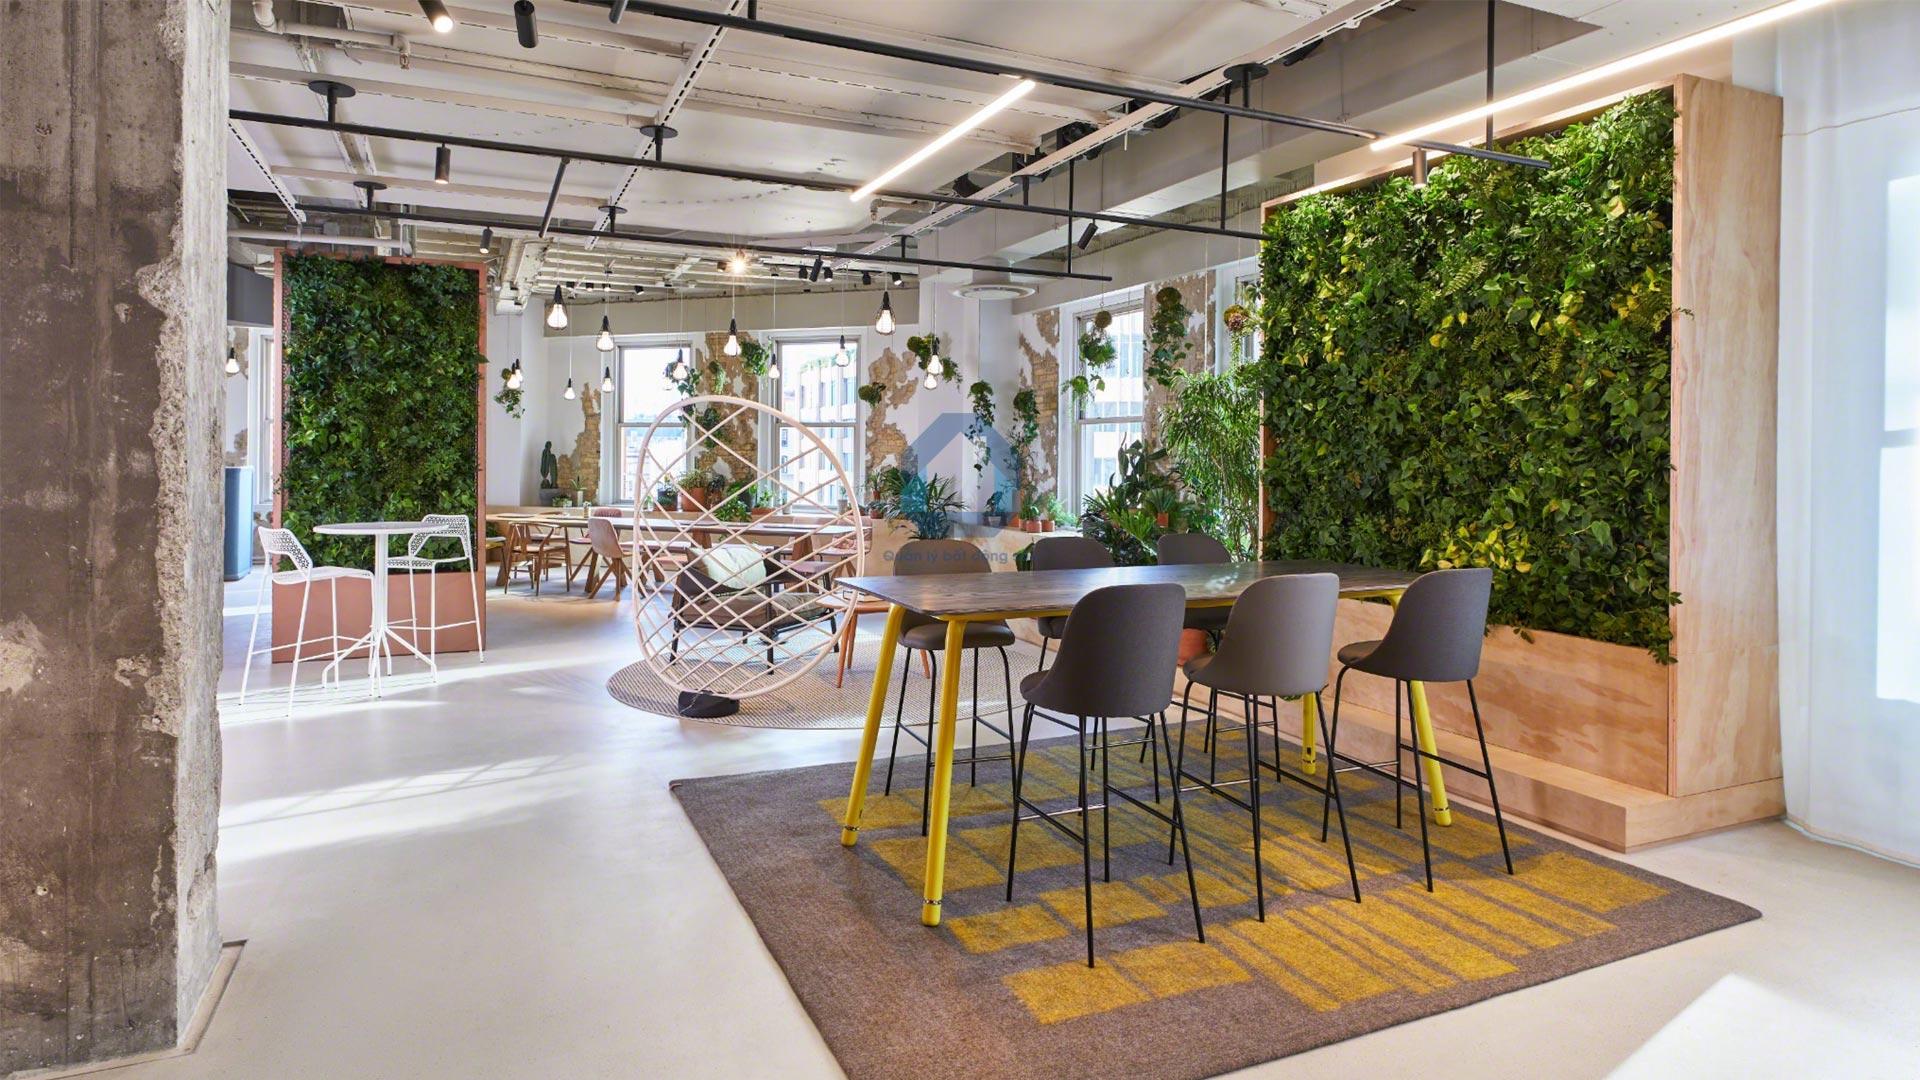 Văn phòng xanh là gì? Ưu nhược điểm của mô hình văn phòng xanh